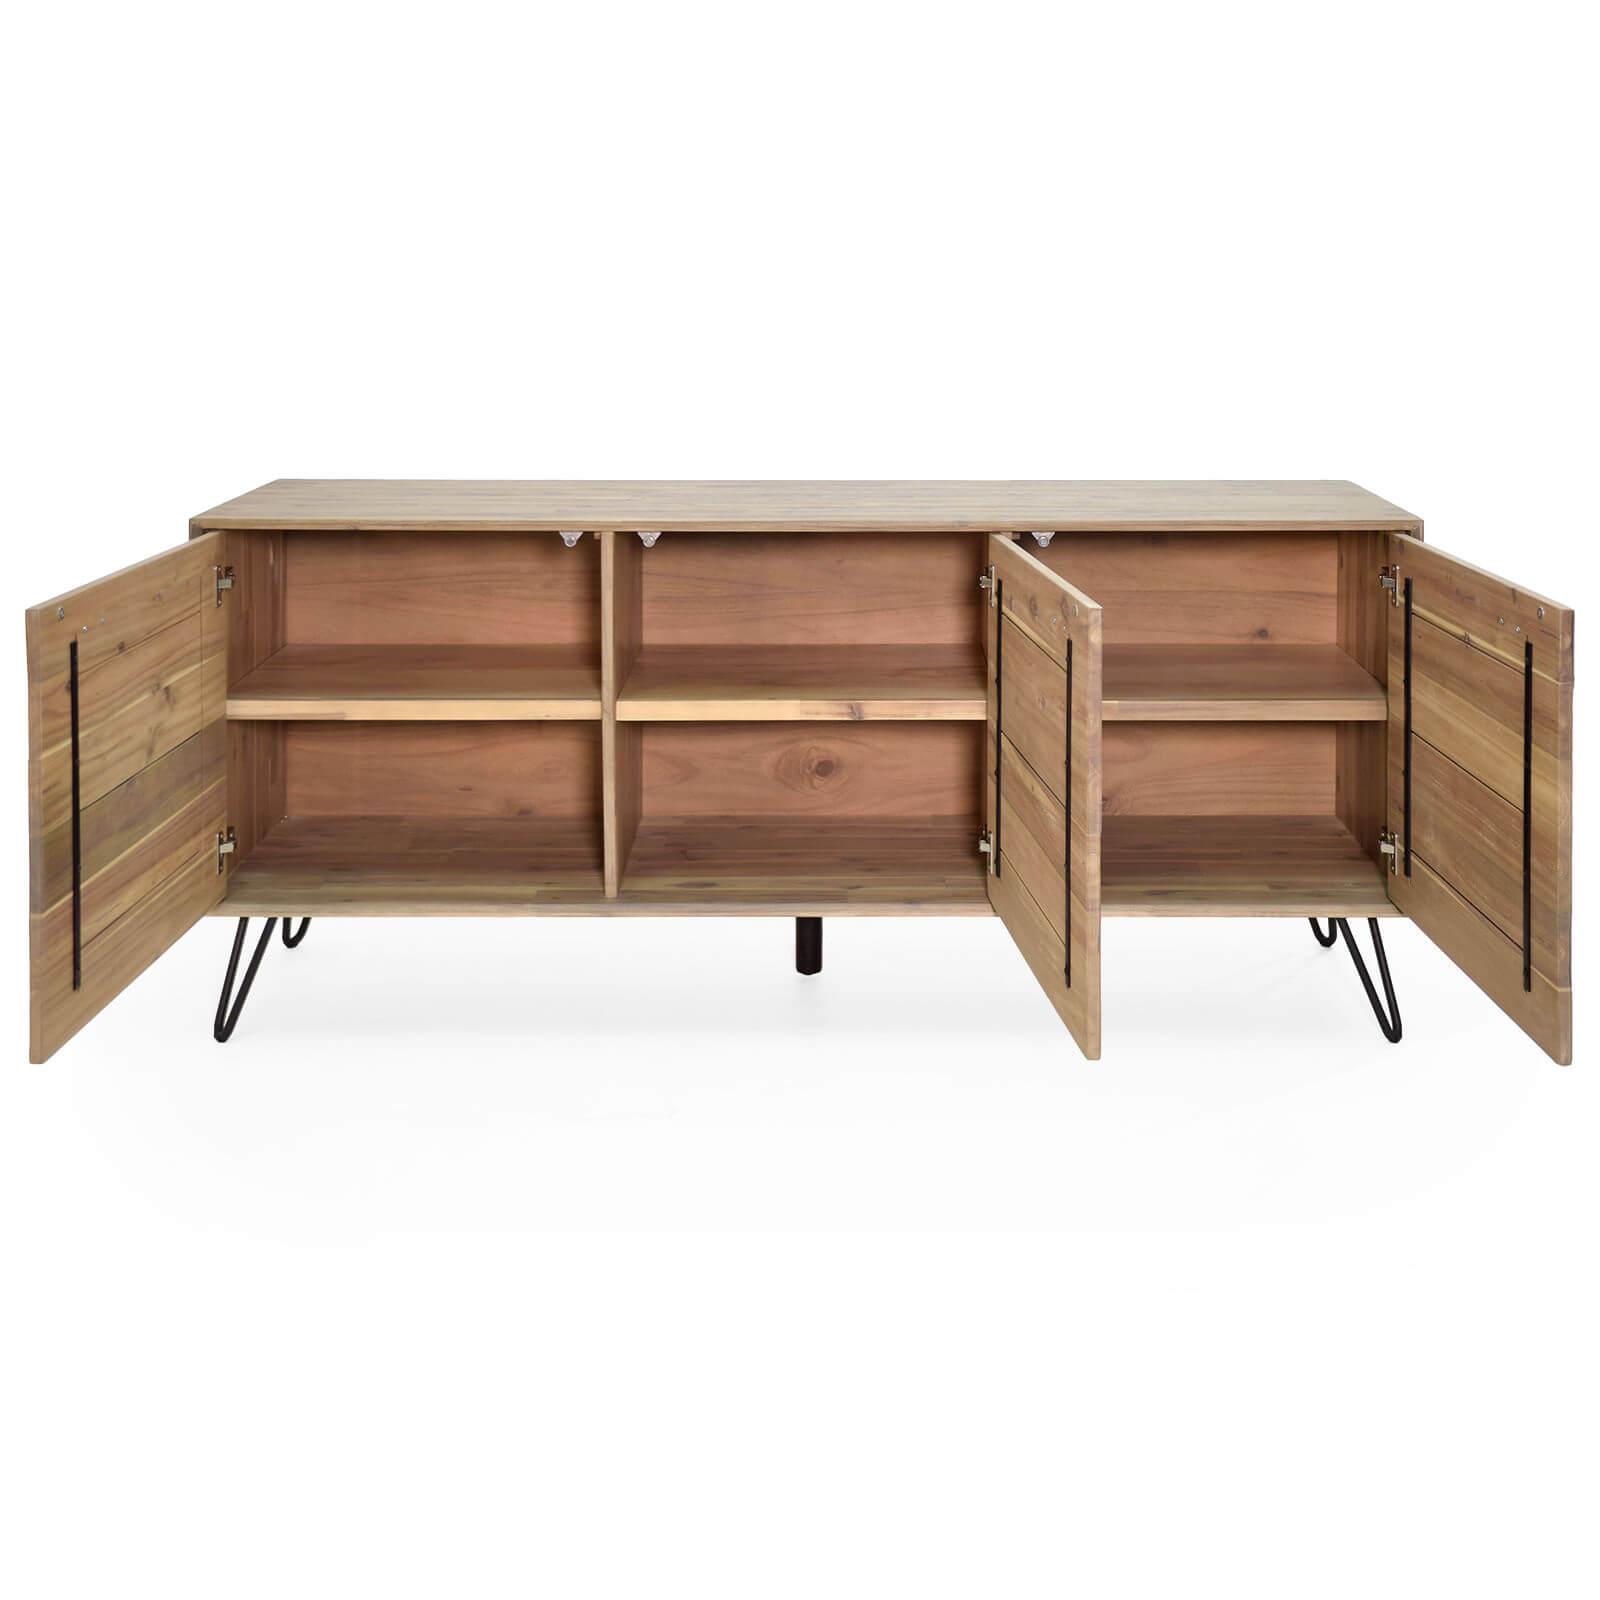 anrichte dalby akazie massiv 180cm breit. Black Bedroom Furniture Sets. Home Design Ideas